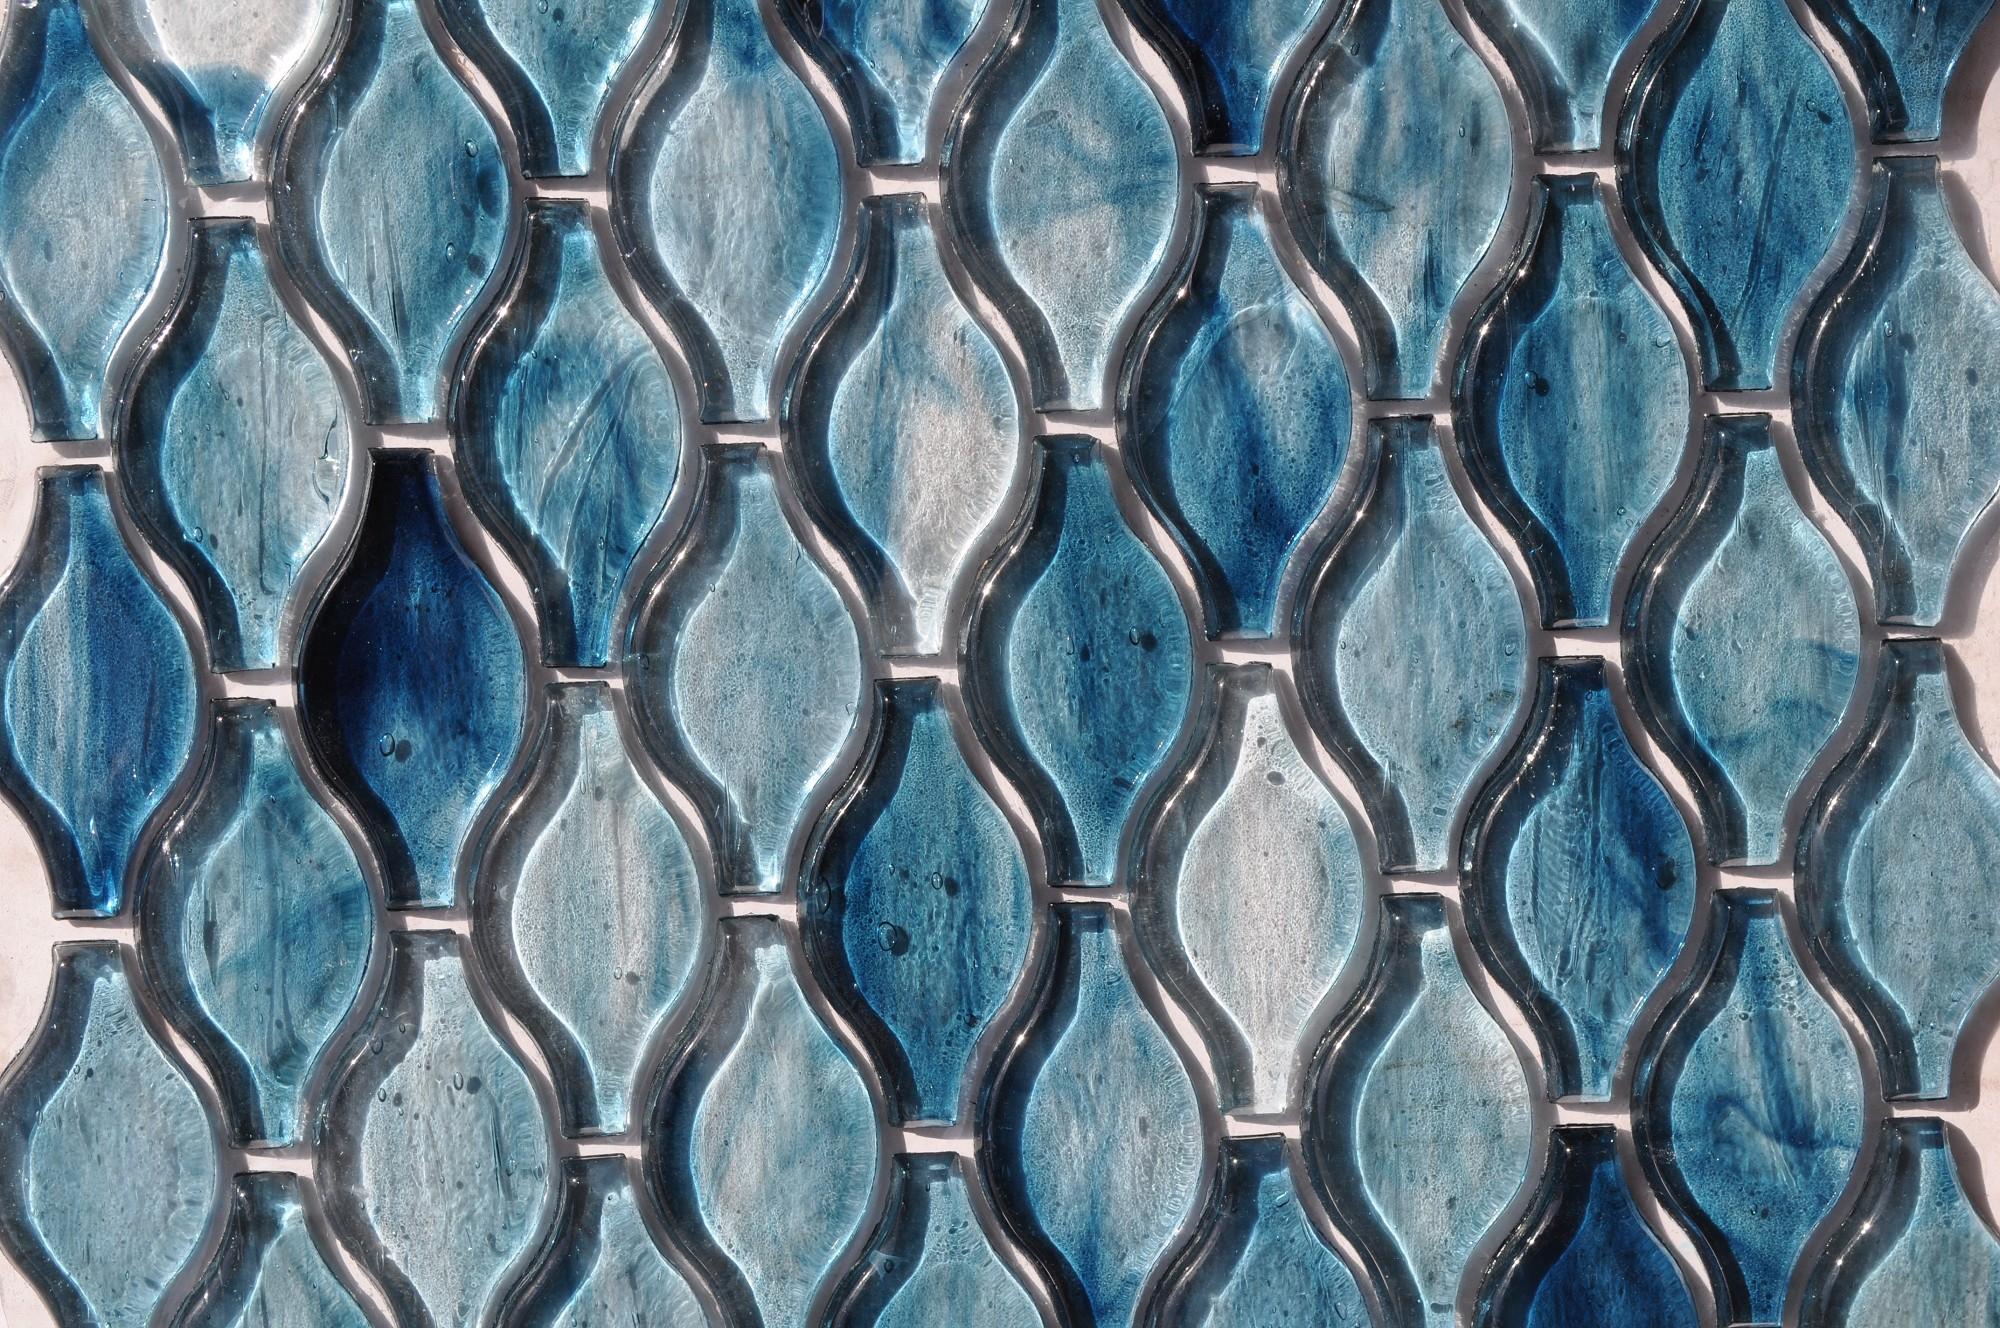 fusion glass sky blue teardrop pattern 09g